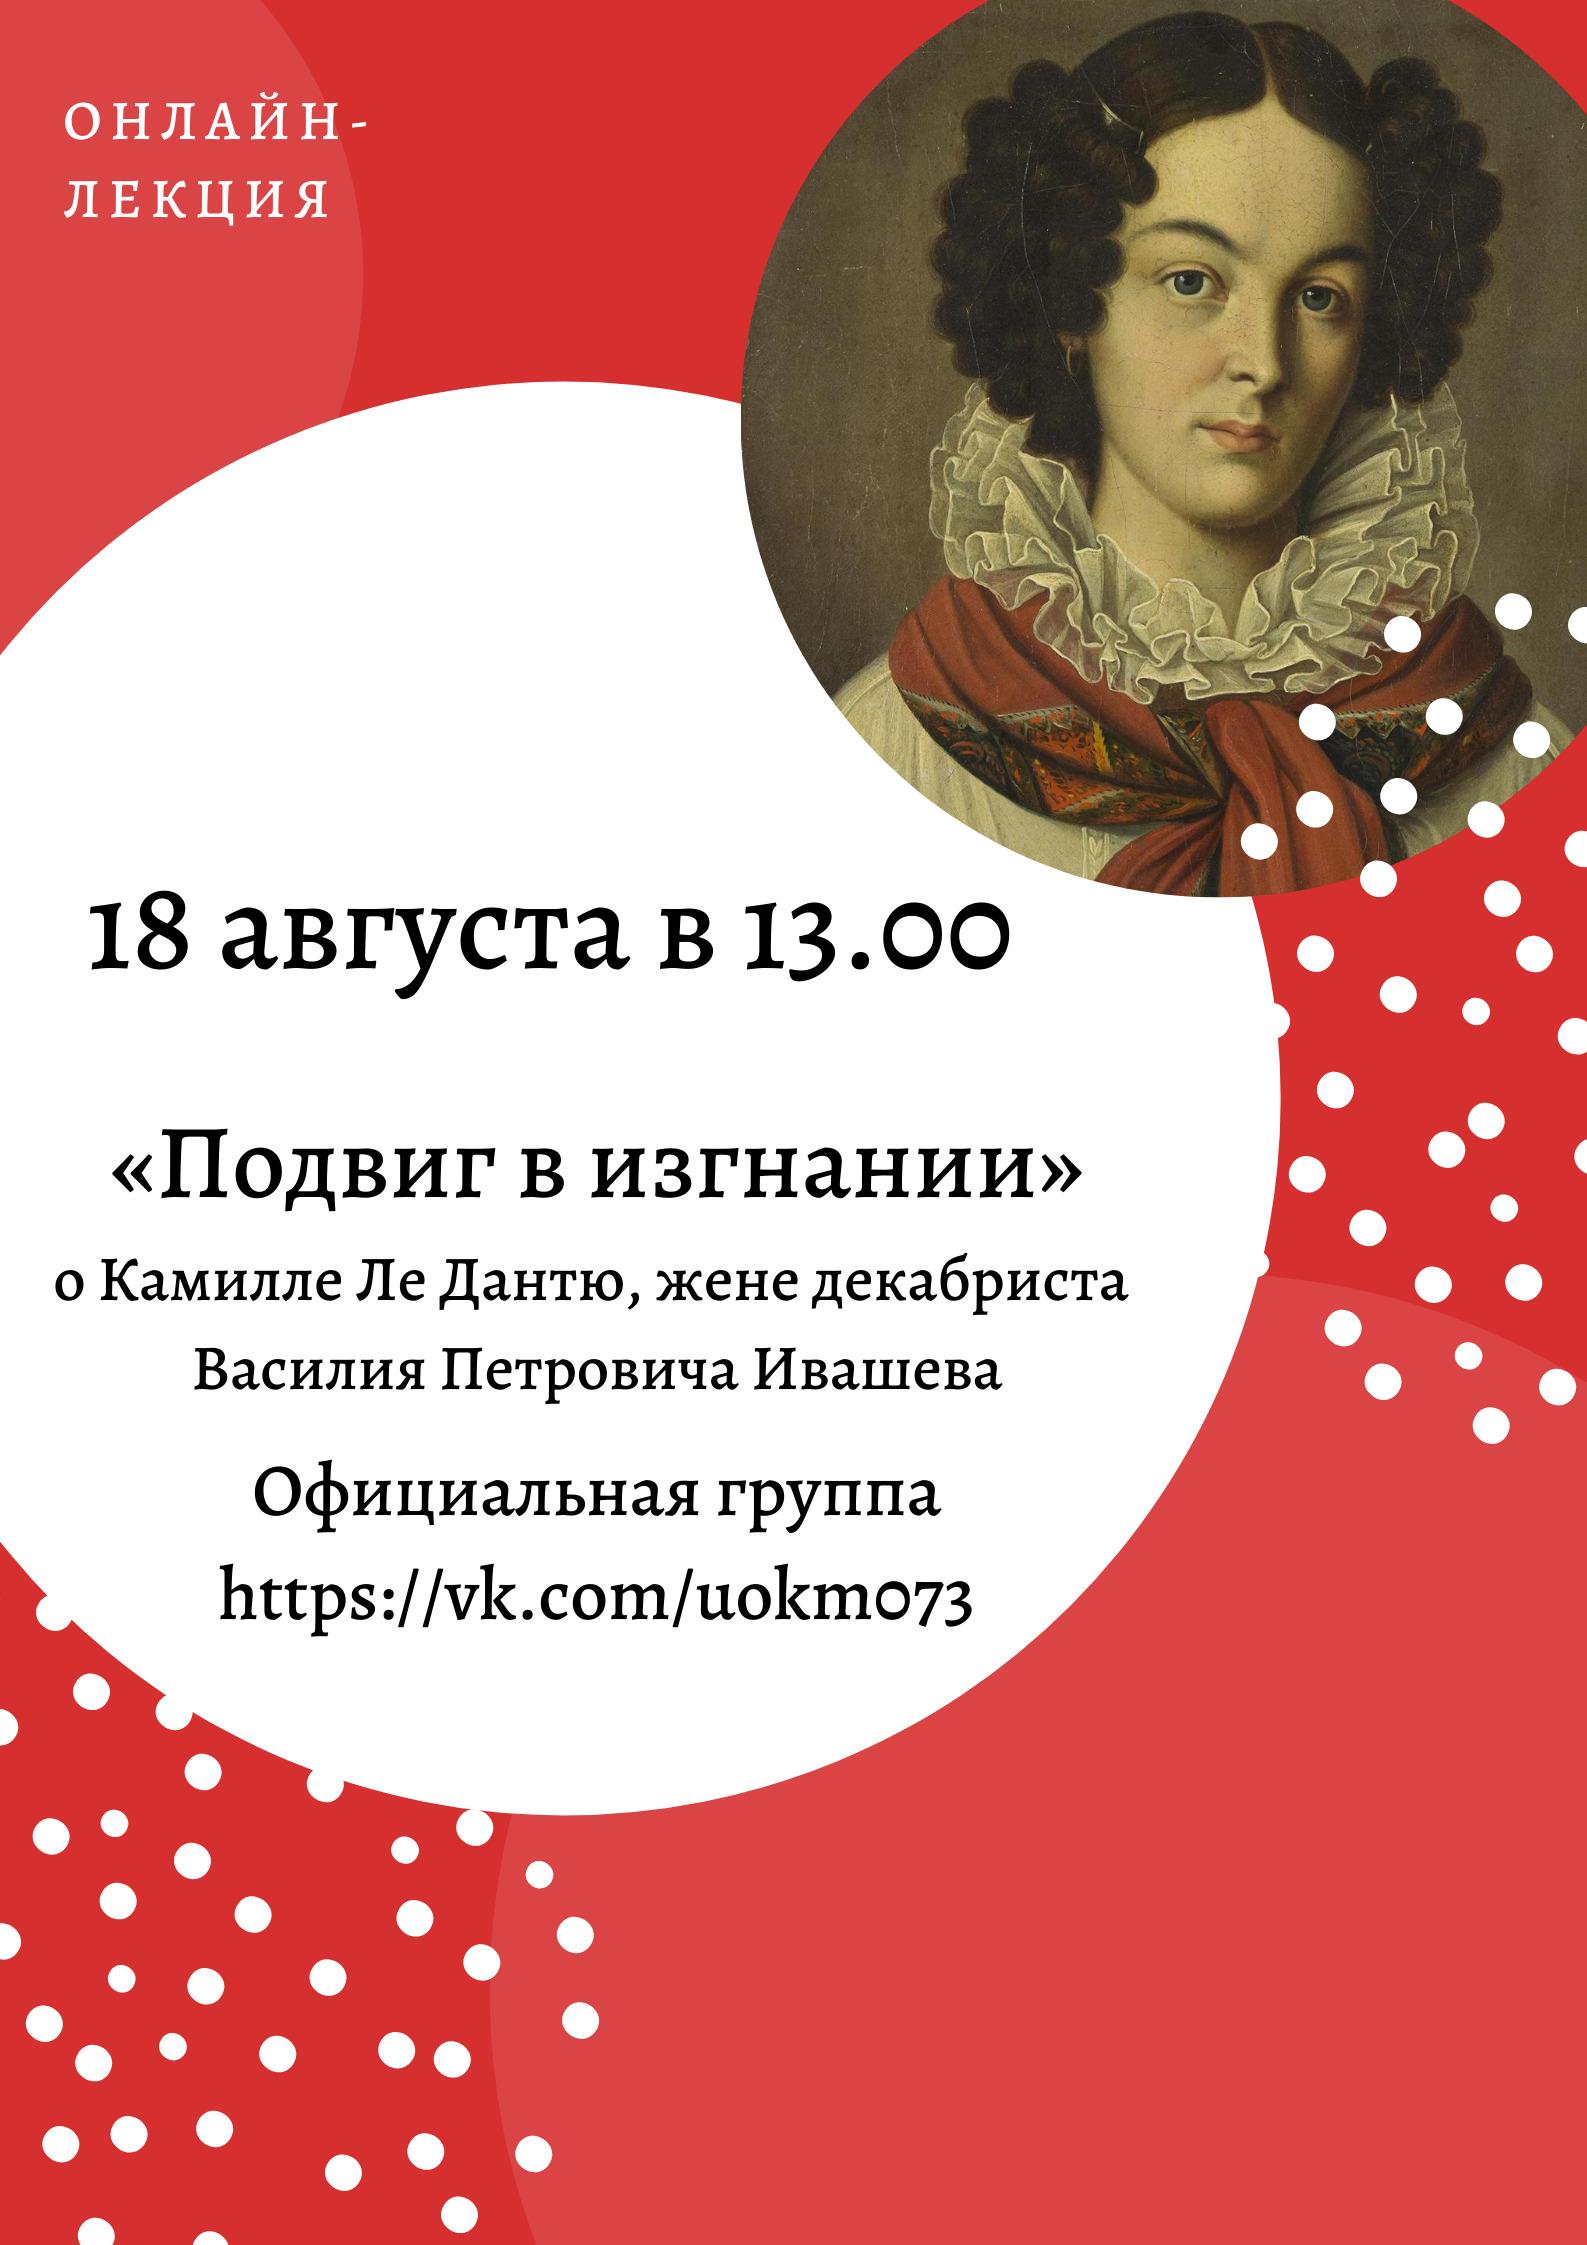 Онлайн-лекция «Подвиг в изгнании» о Камилле Ле Дантю, жене декабриста Василия Петровича Ивашева